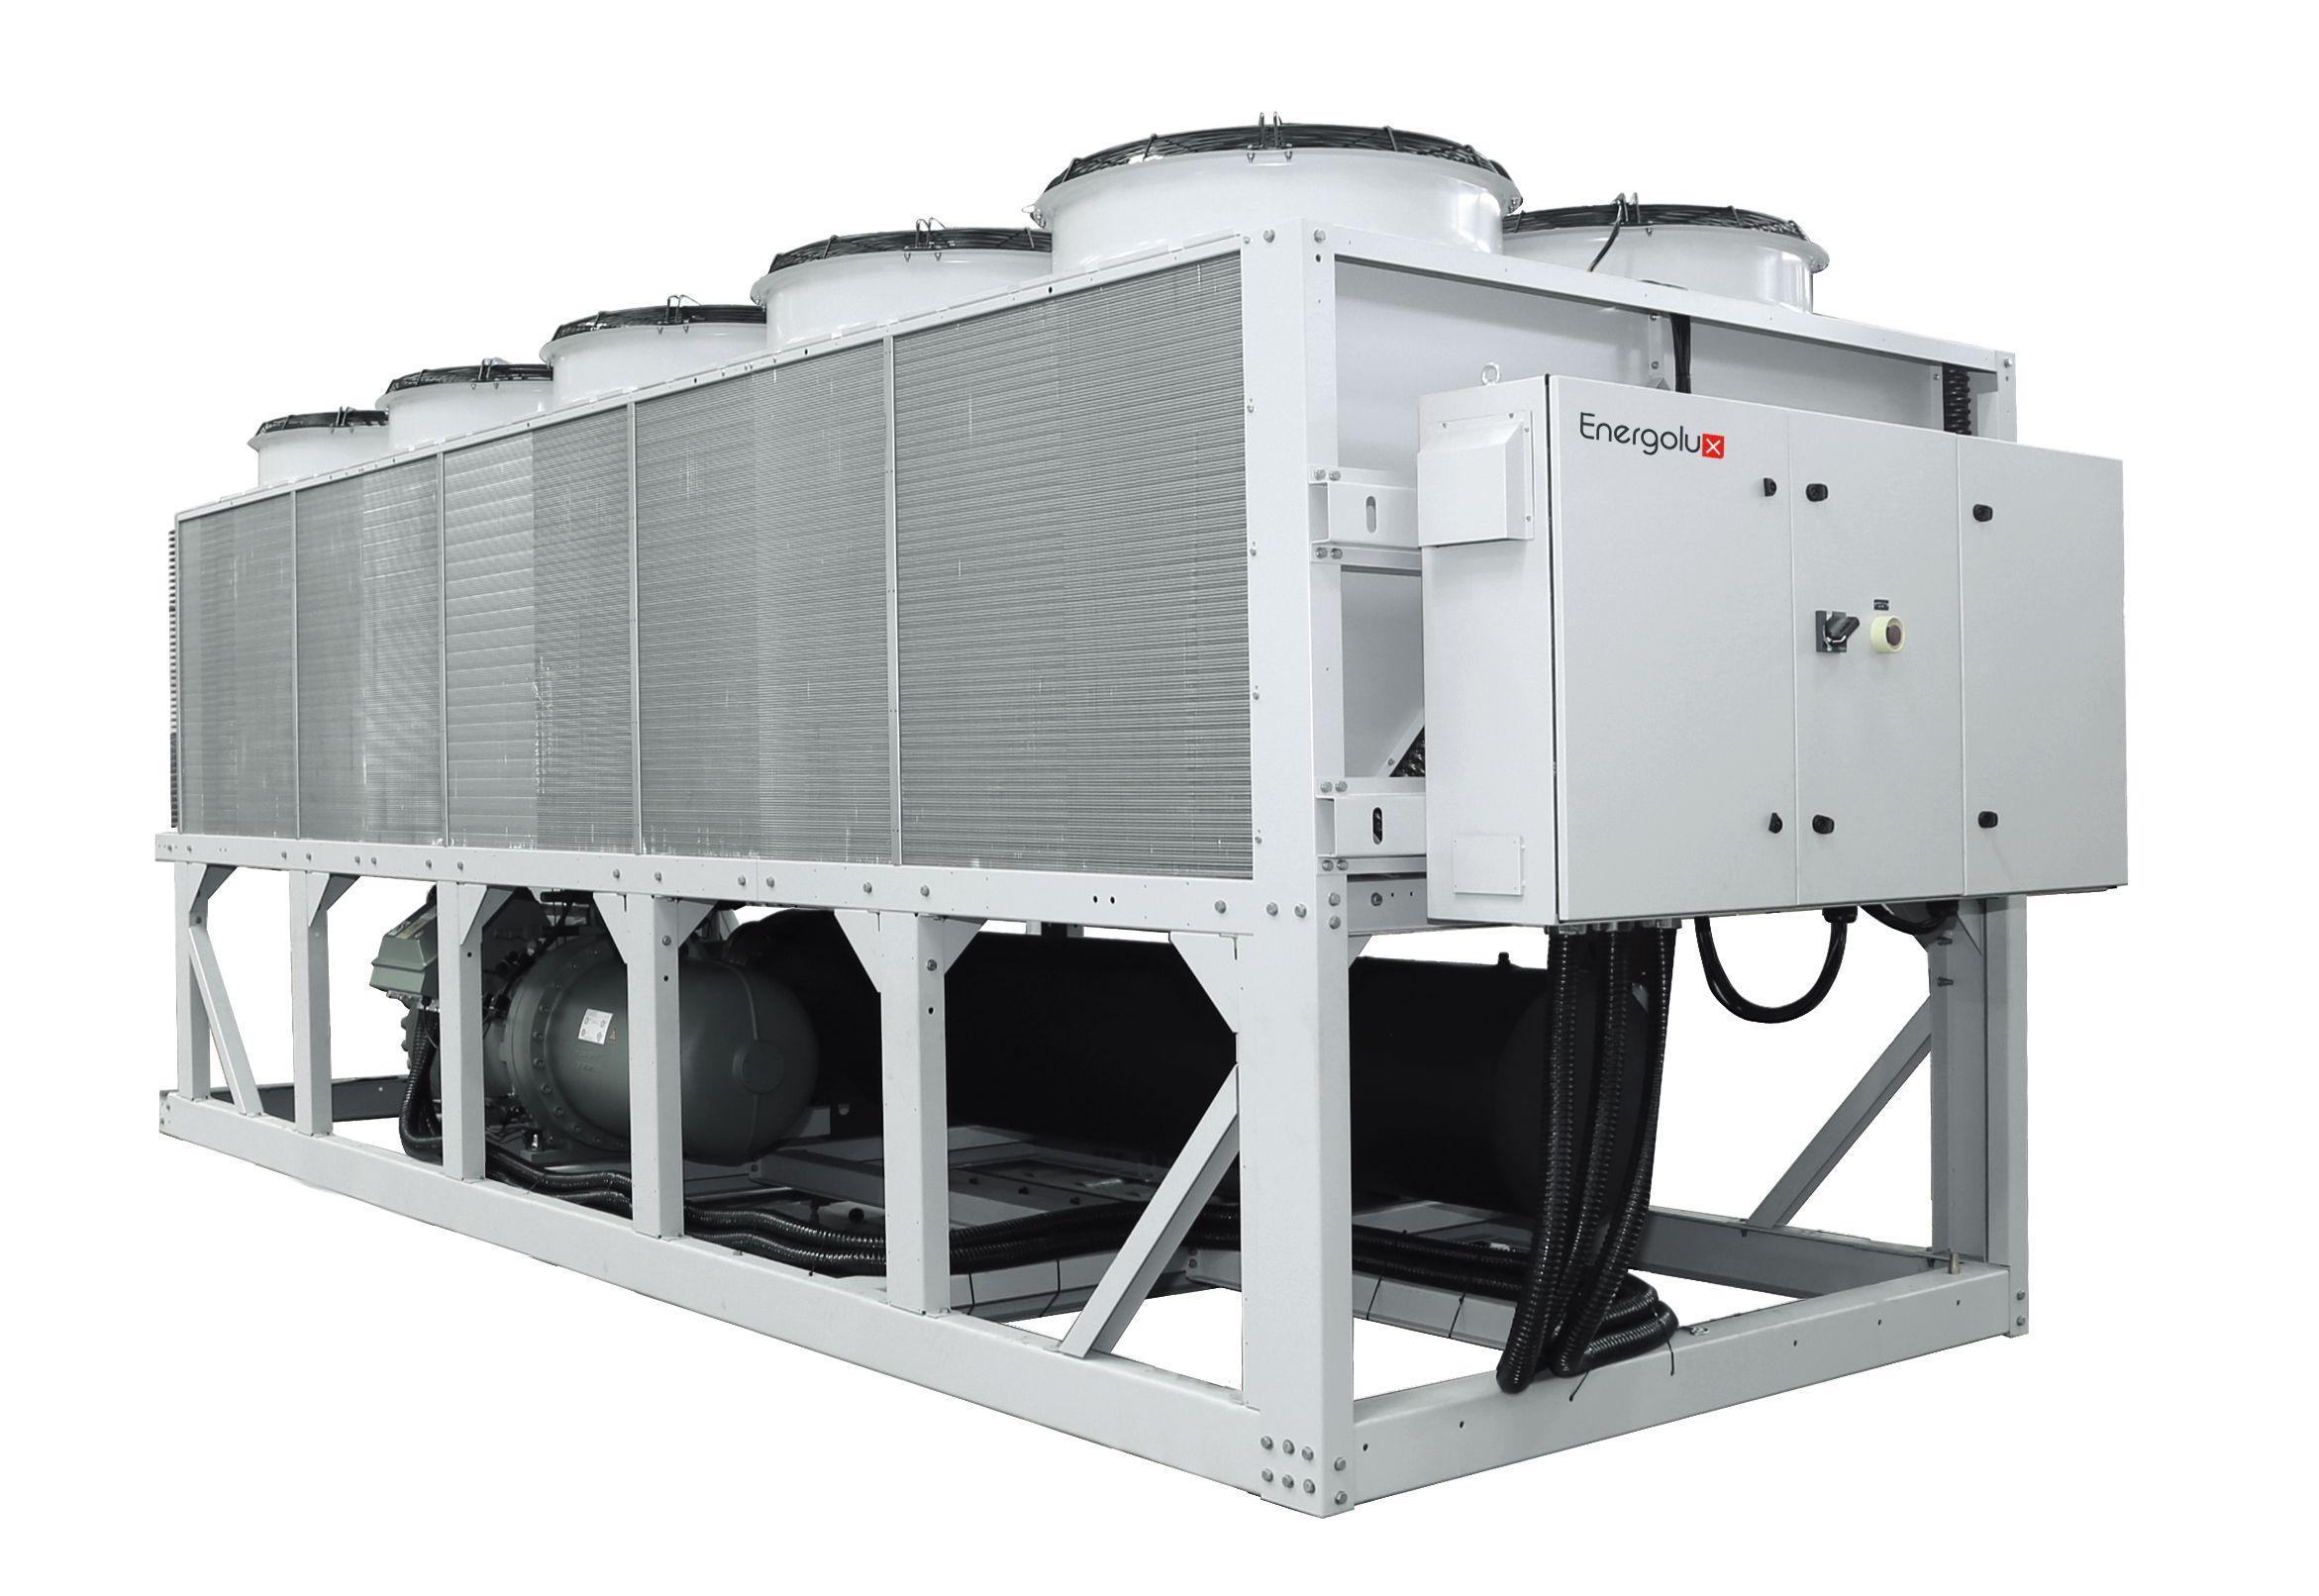 Energolux SCAW-T 2610 V